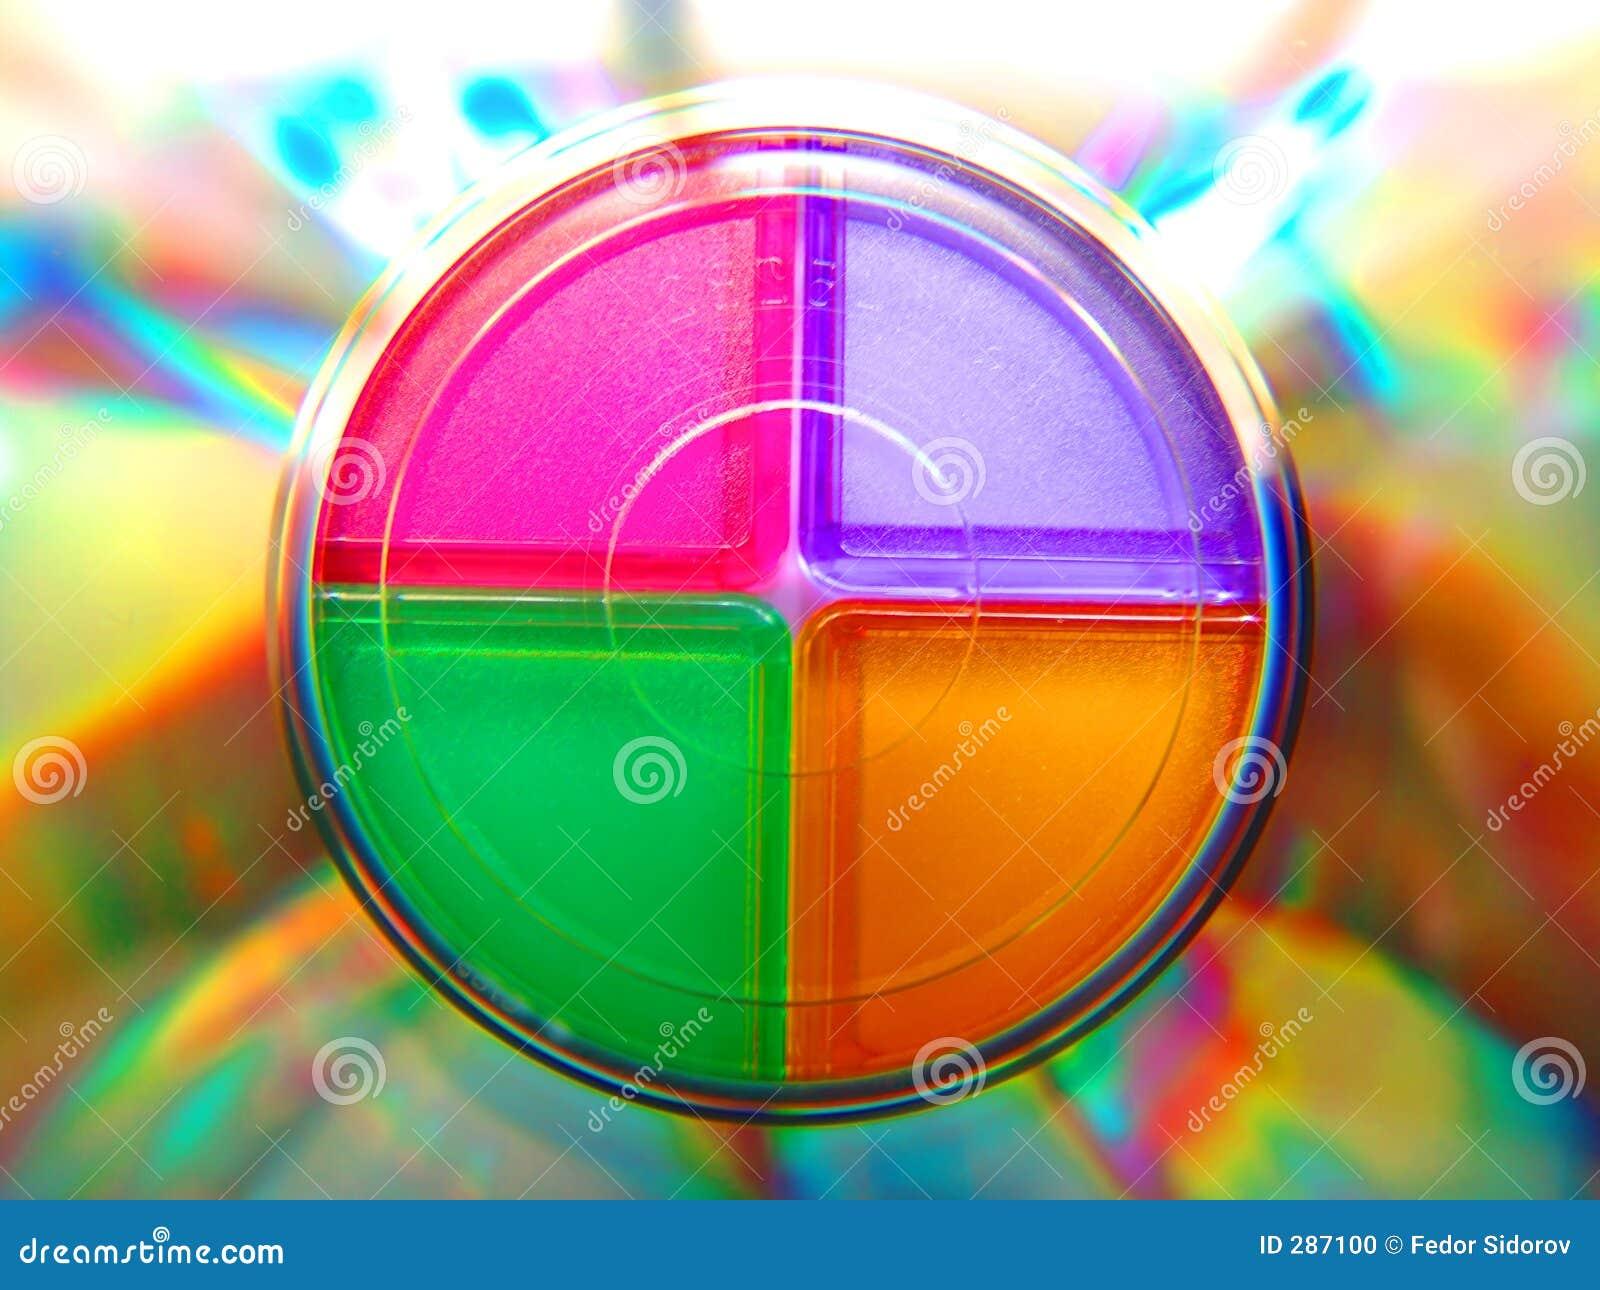 CD doosonduidelijke beelden